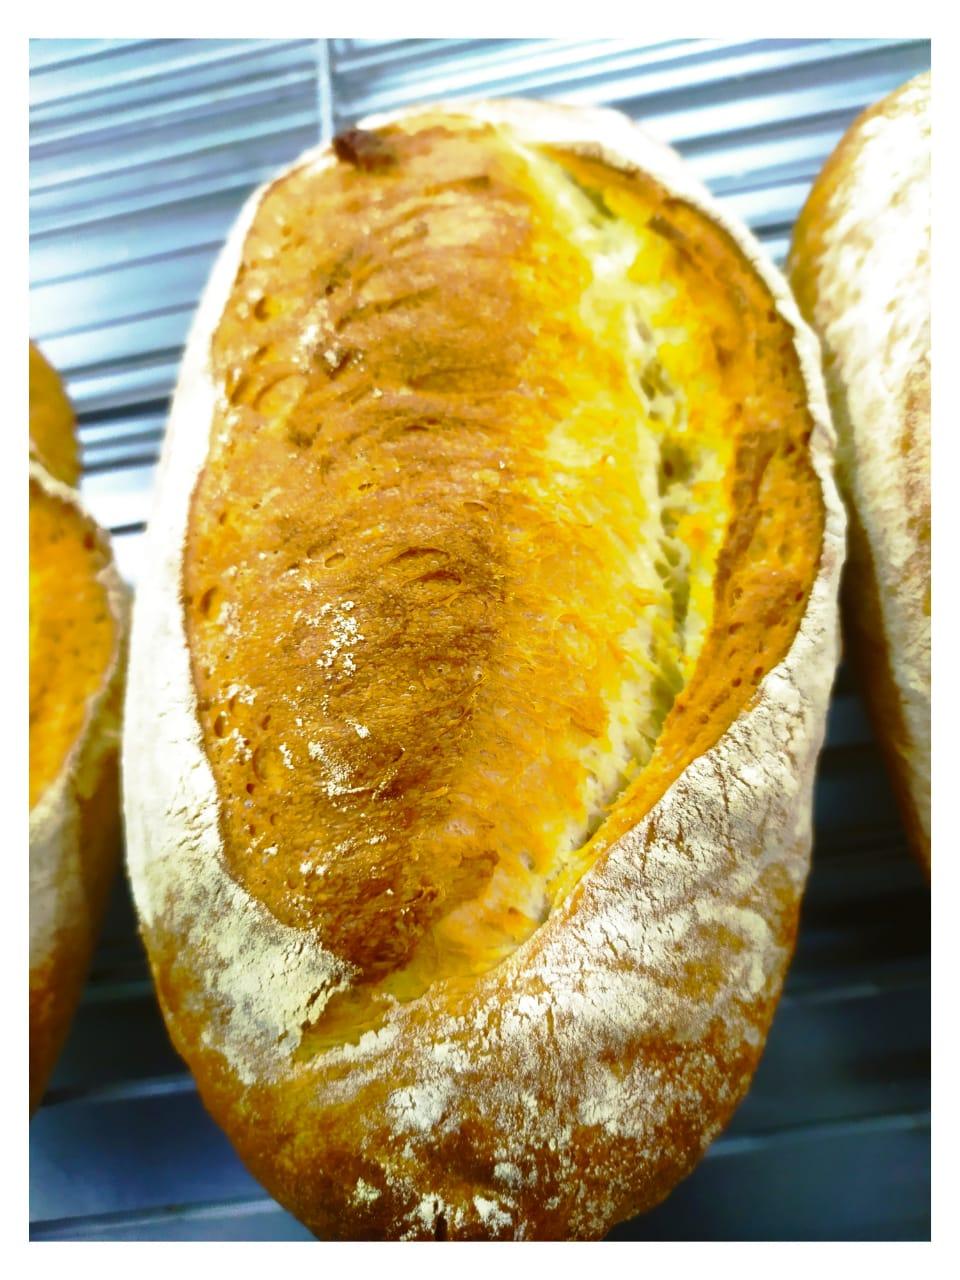 Pane Di Marchi tem toscano, 100% integral e bolos artesanais, nesta quarta-feira